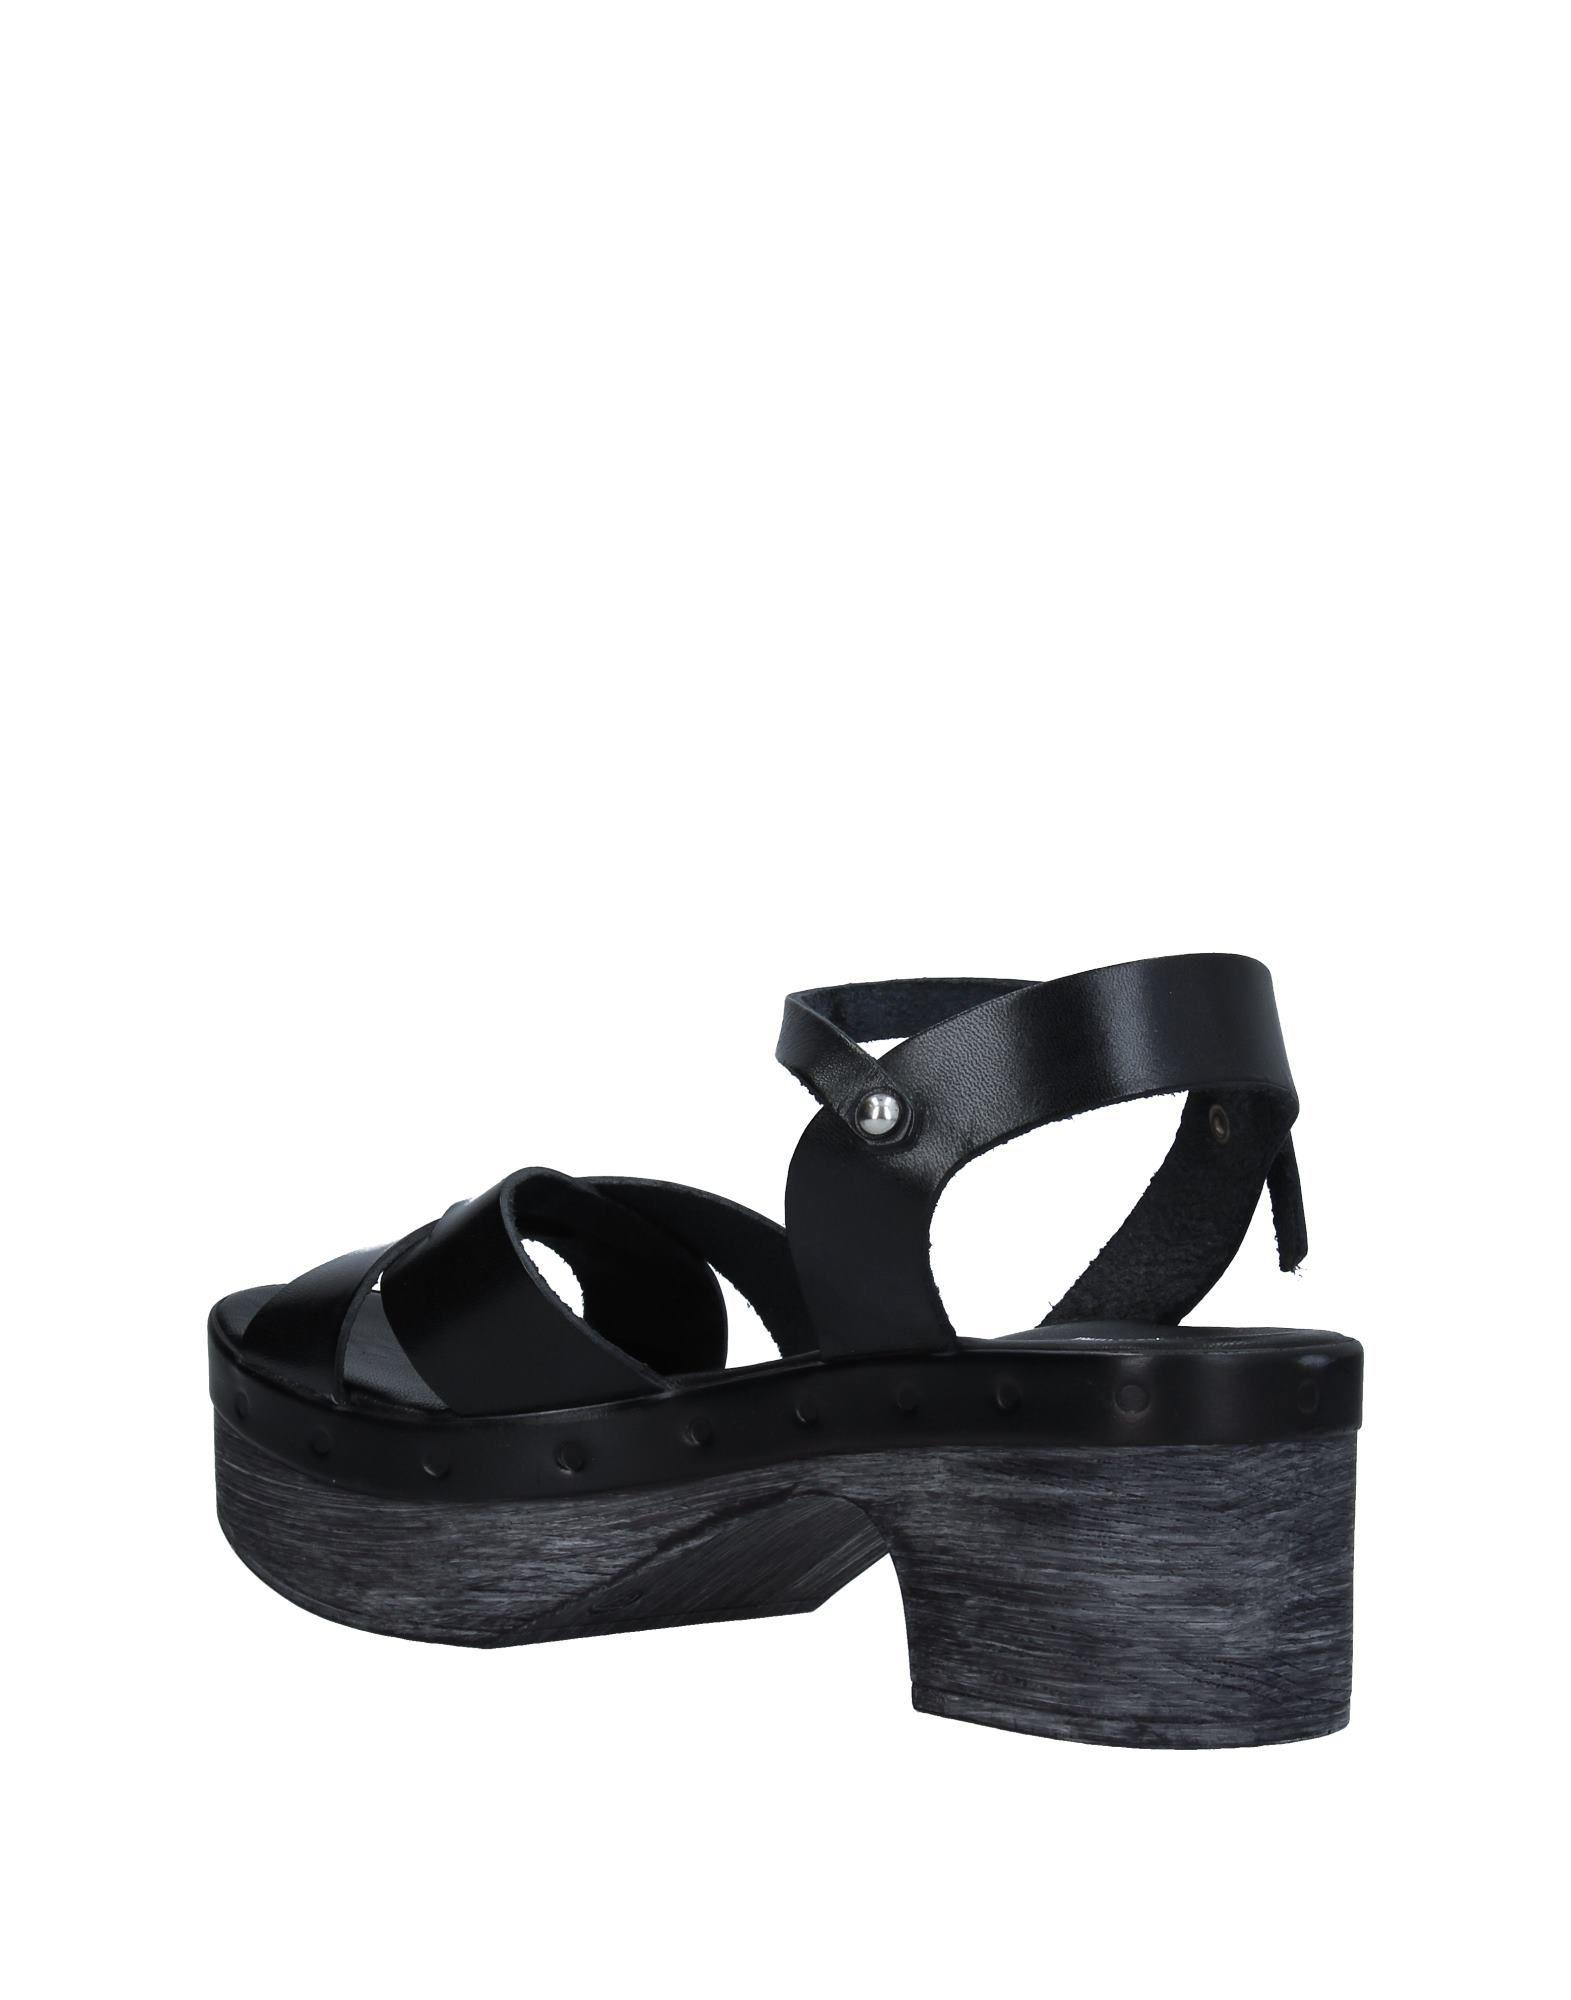 Sandales Unlace Femme - Sandales Unlace sur